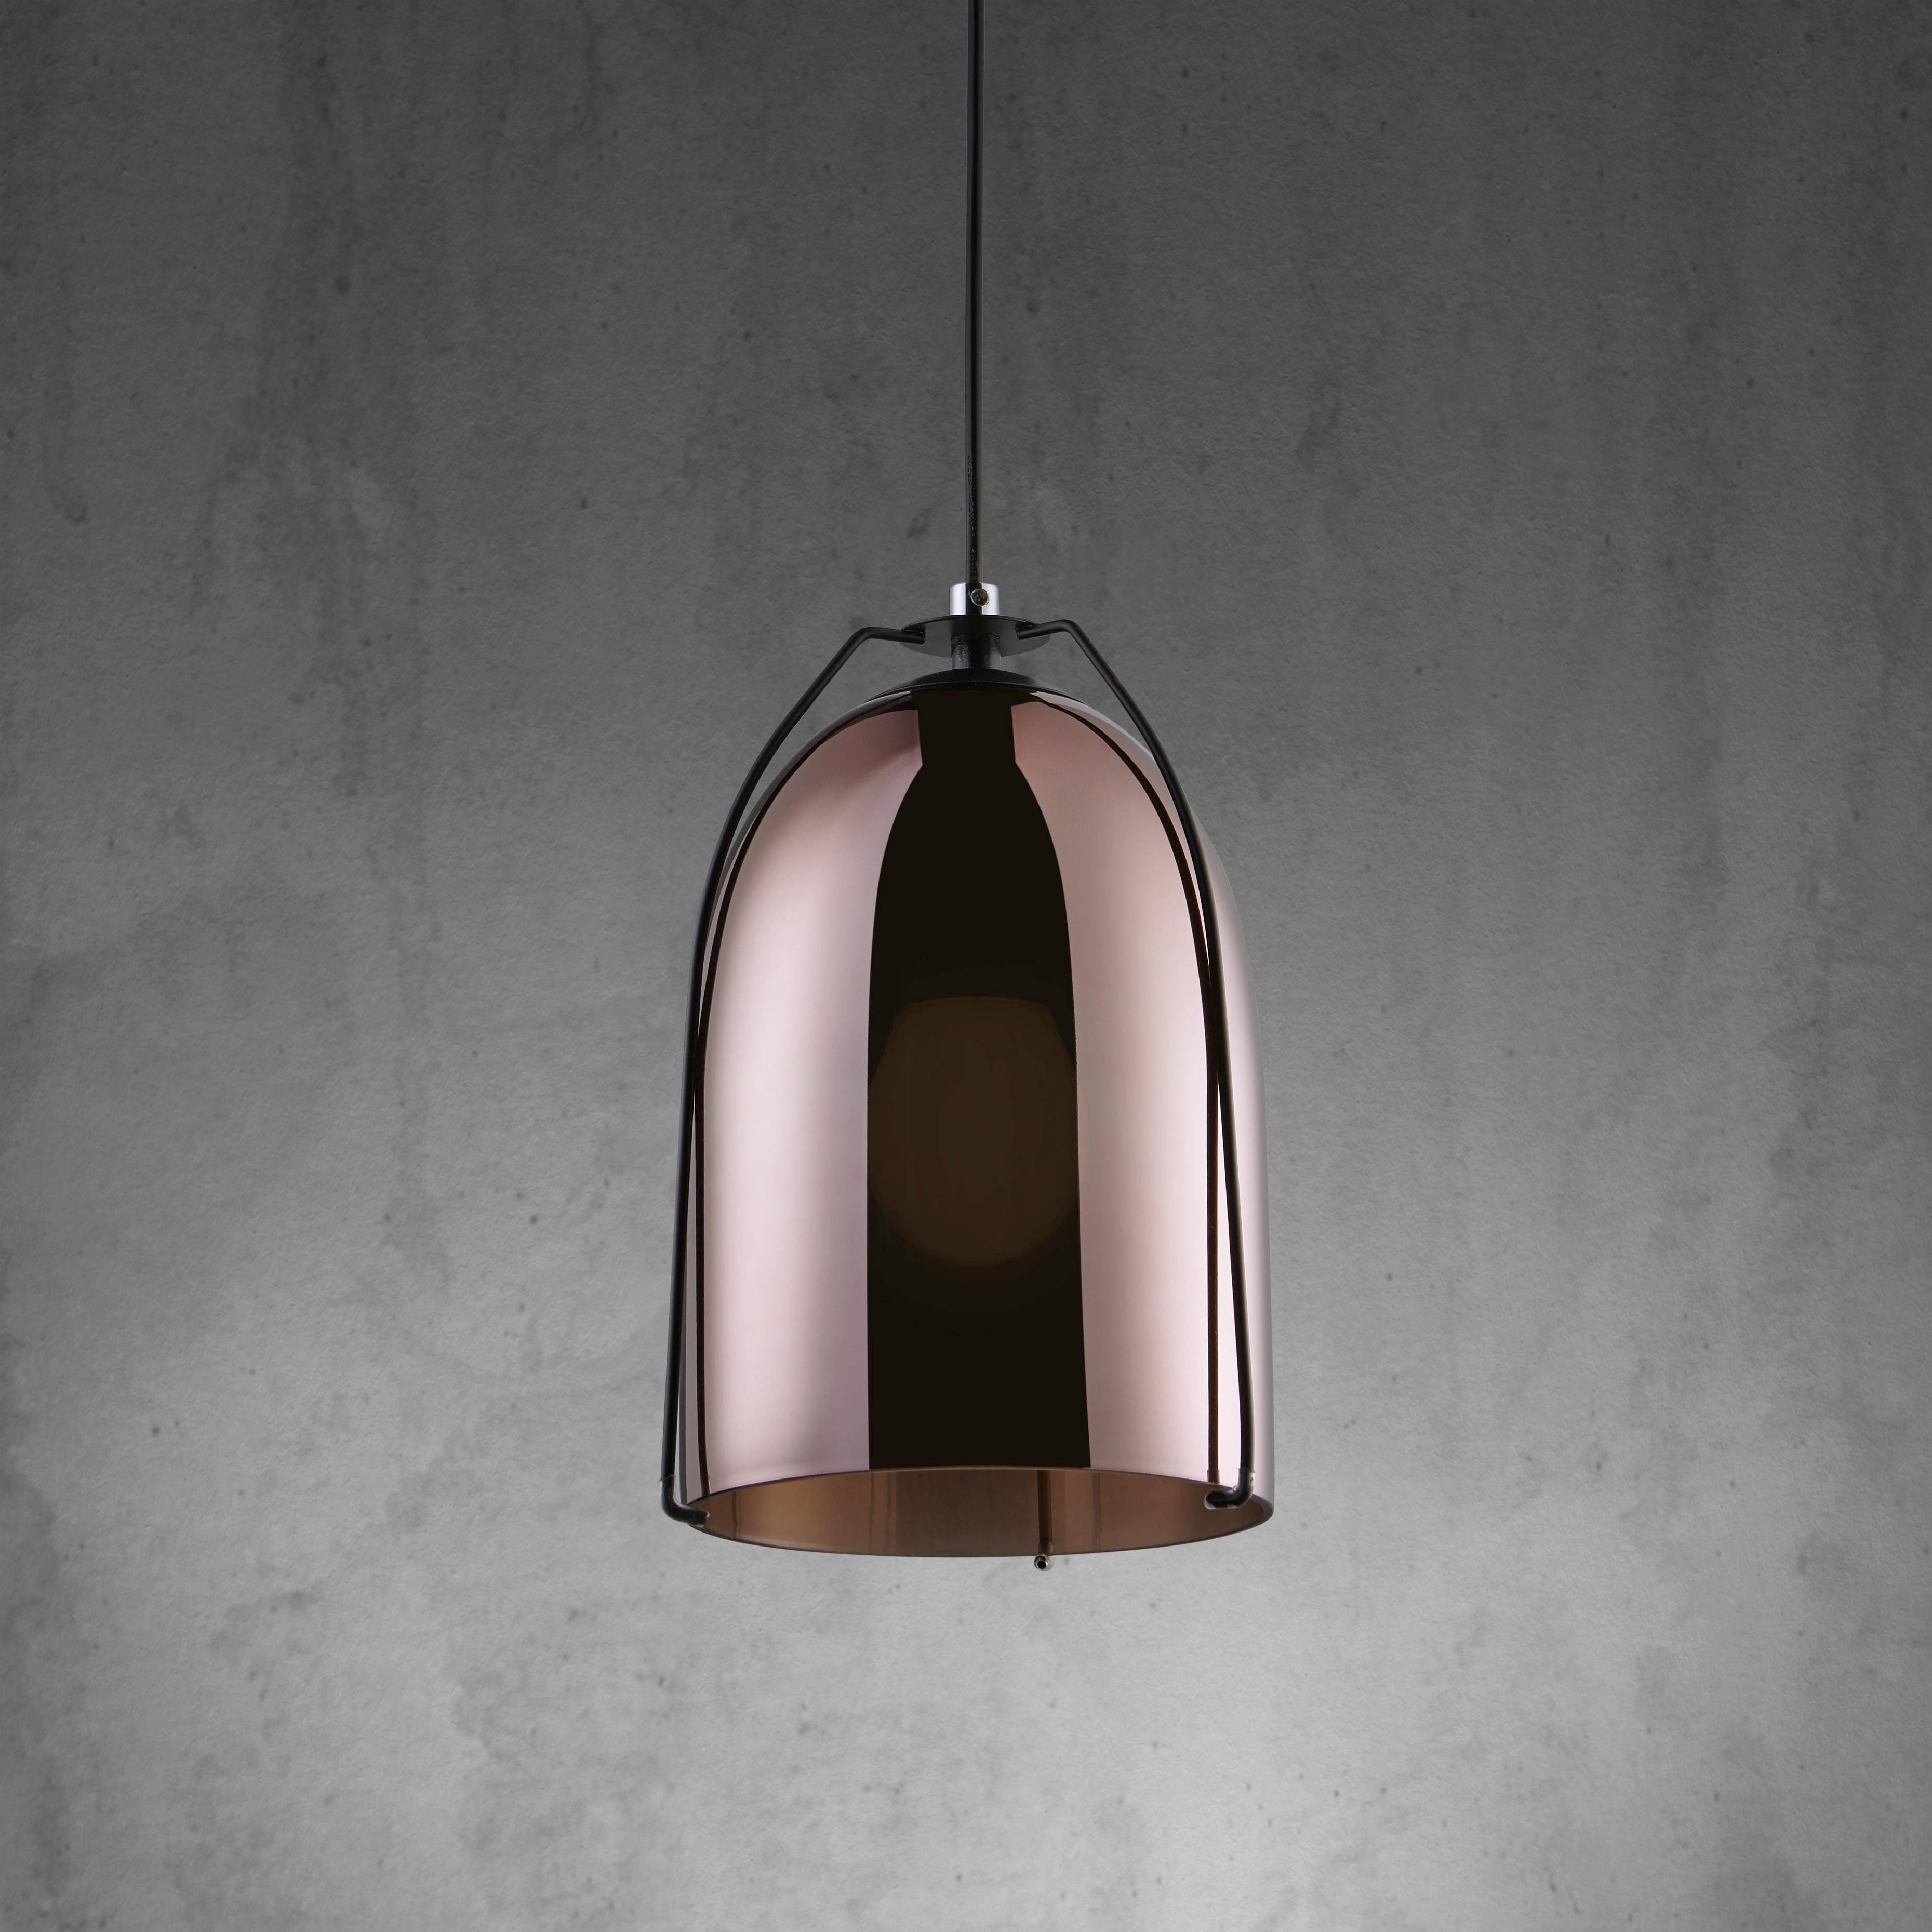 Hängeleuchte Frame - Schwarz/Kupferfarben, MODERN, Glas/Metall (18/130cm) - MÖMAX modern living